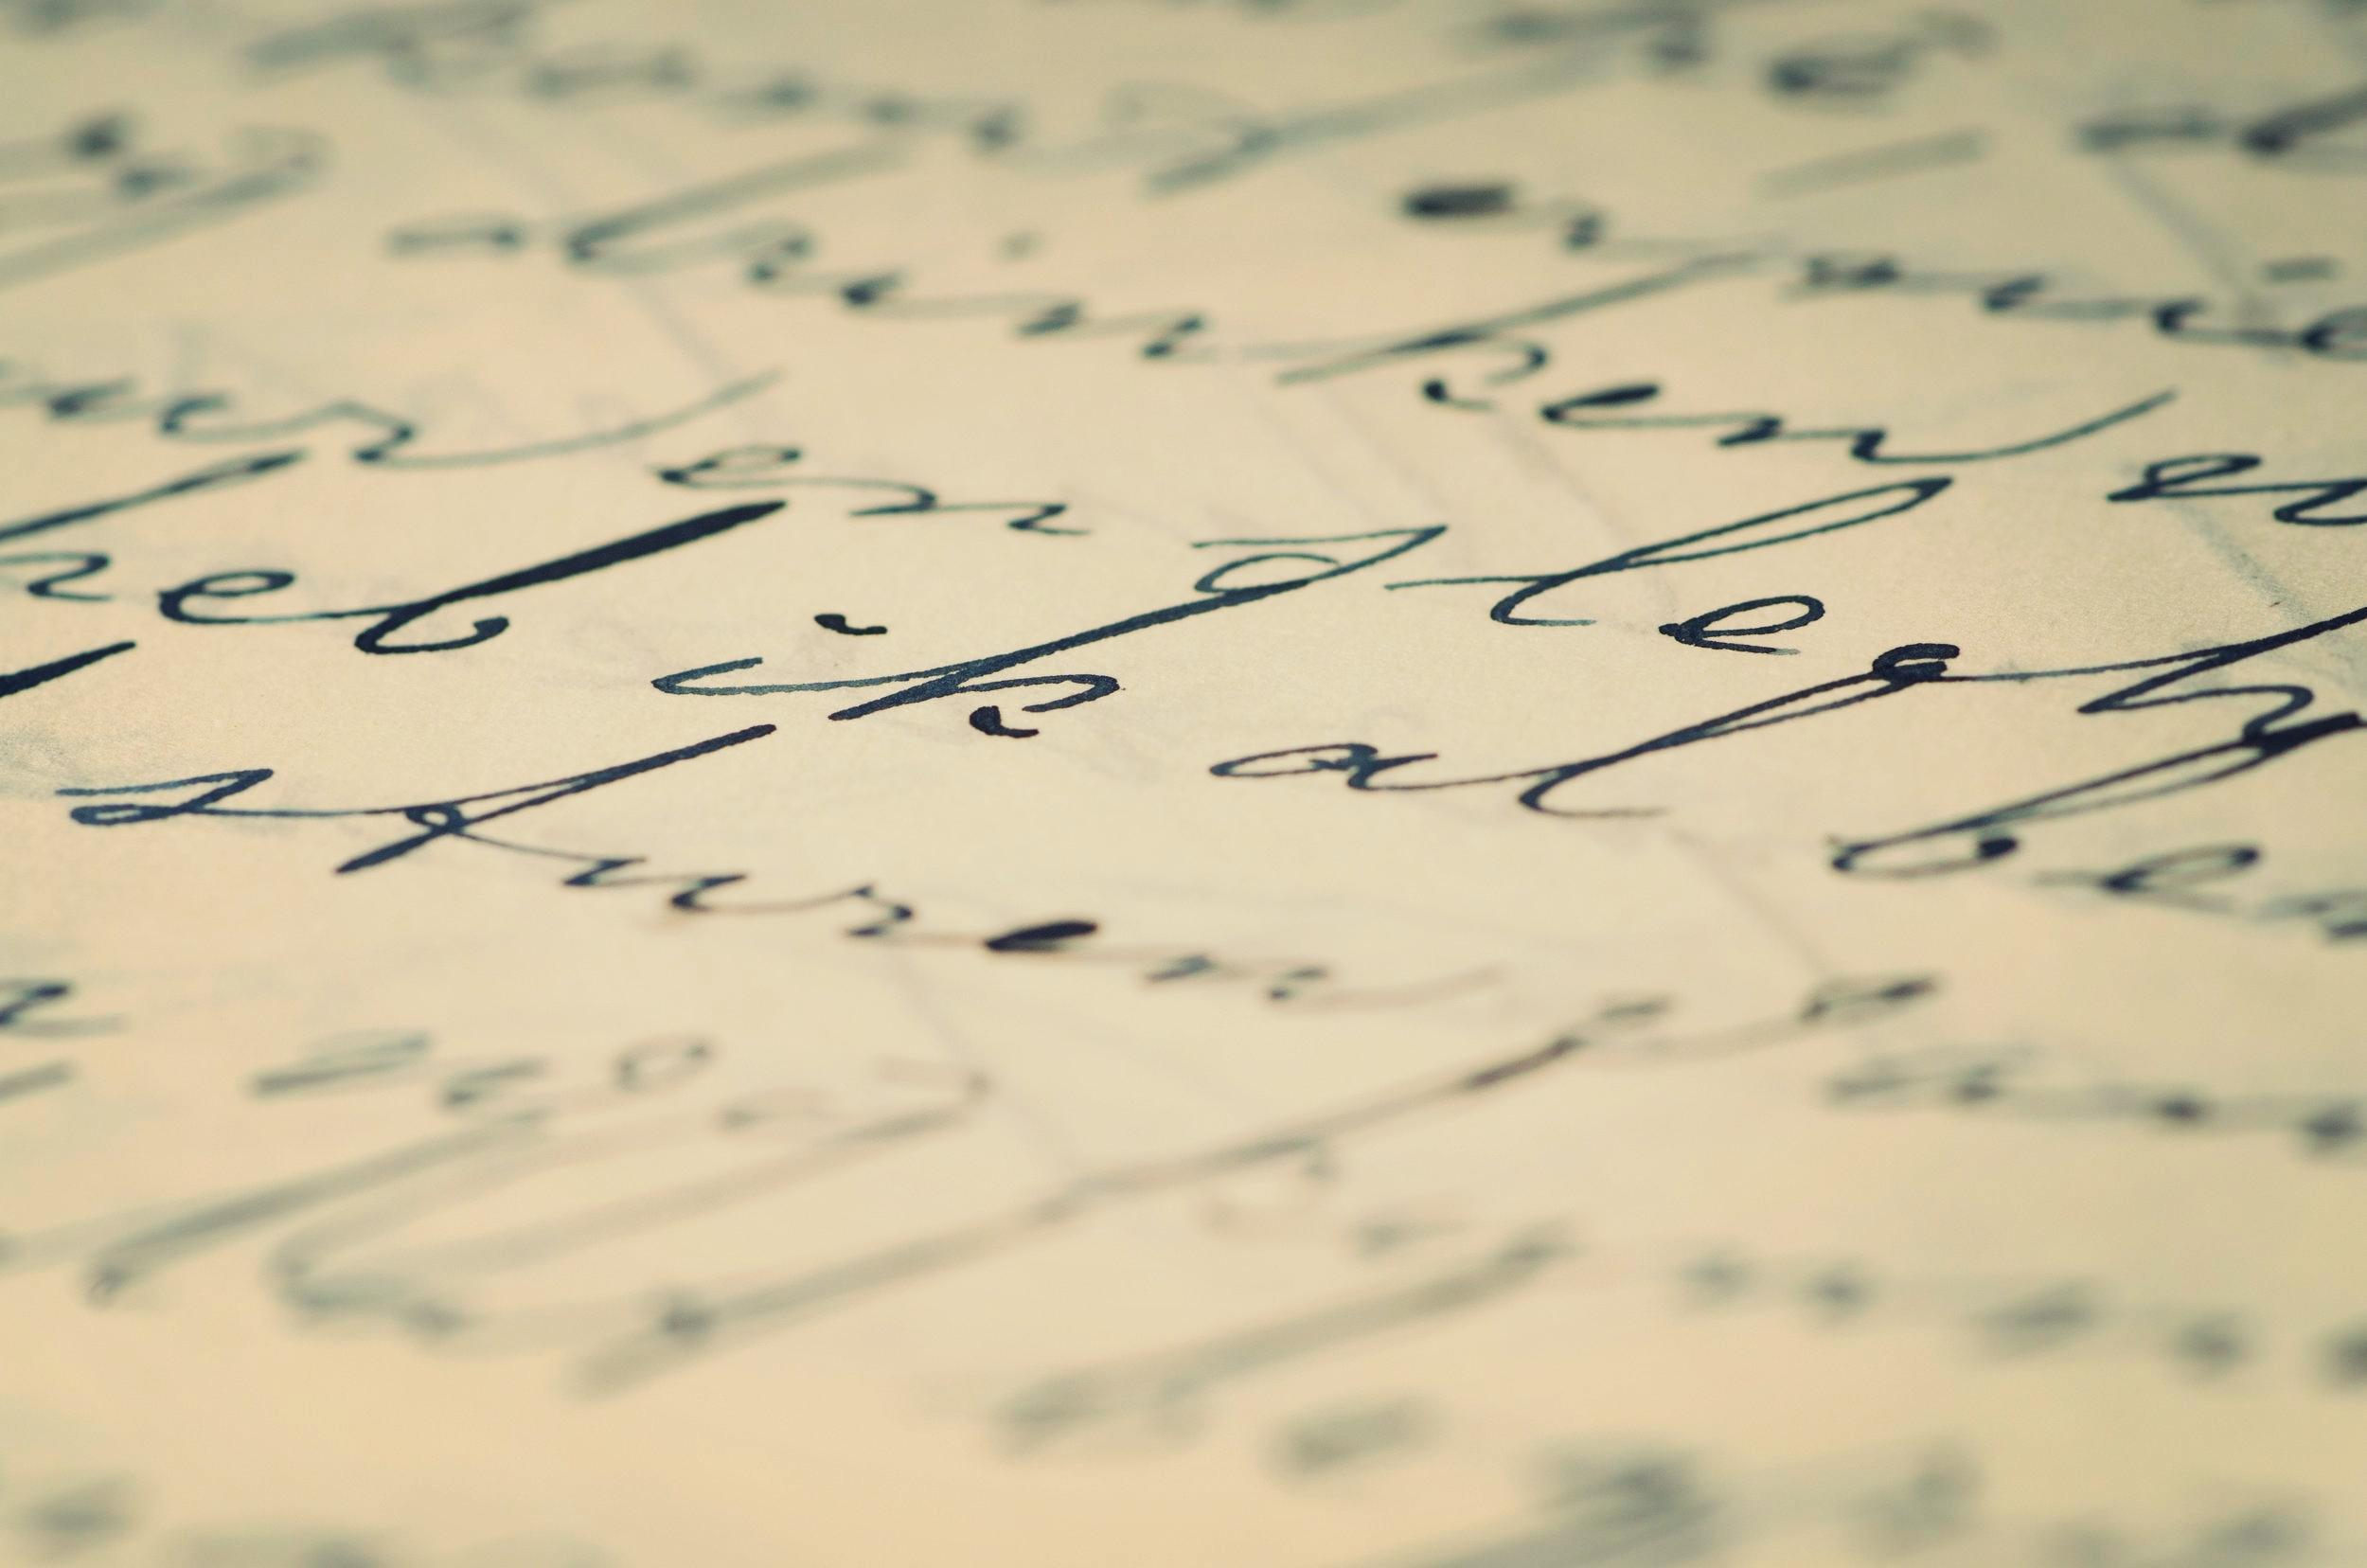 letter-handwriting-family-letters-written-51159.jpeg